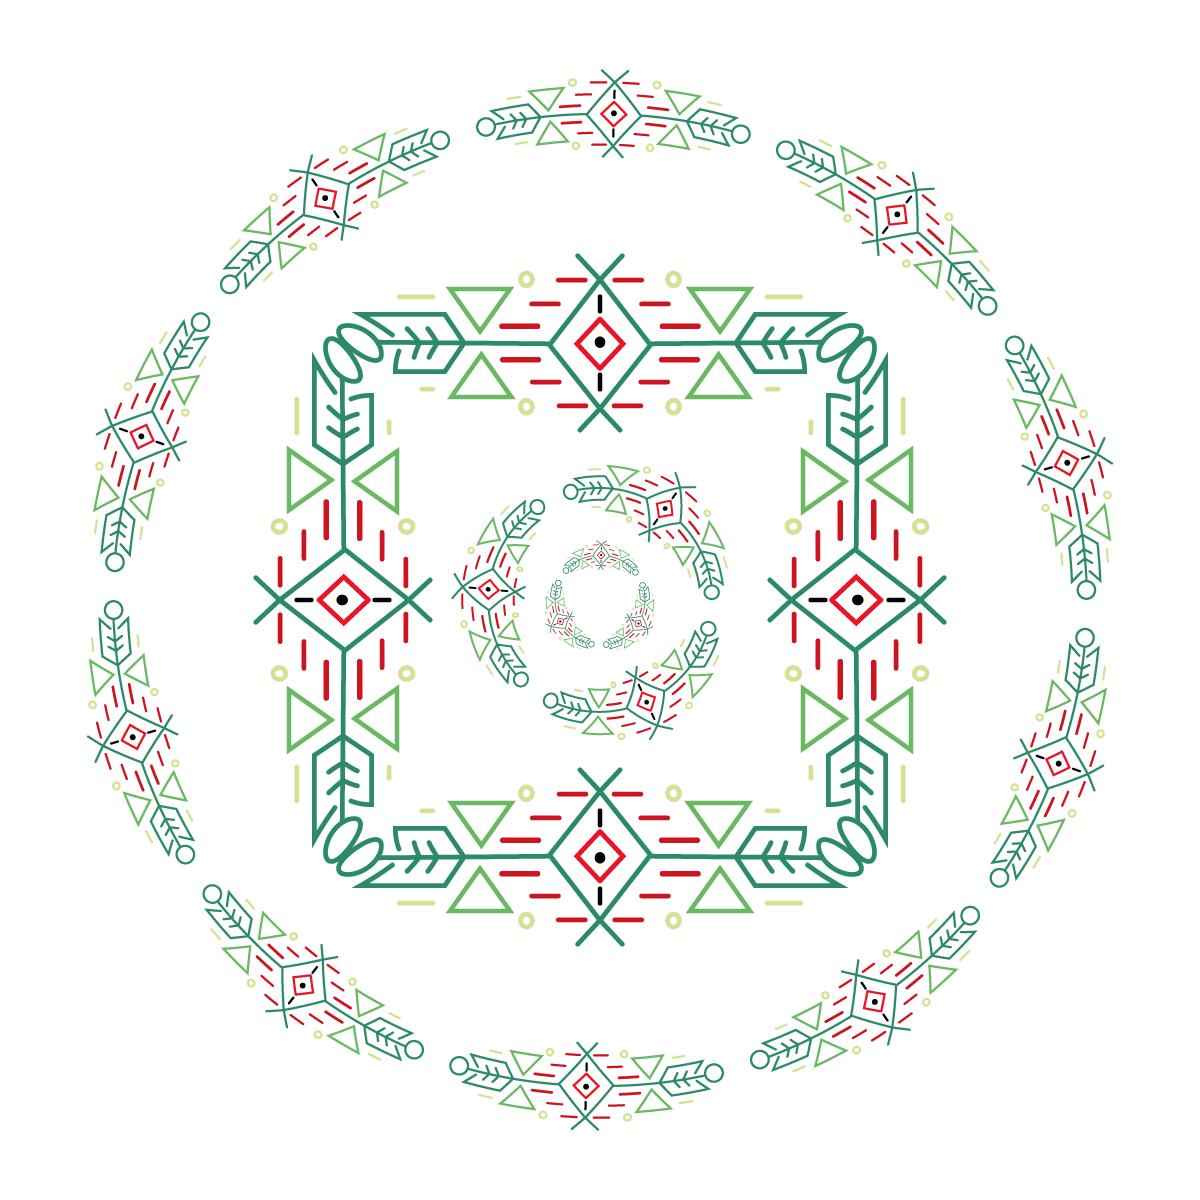 Wzór graficzny liniowy